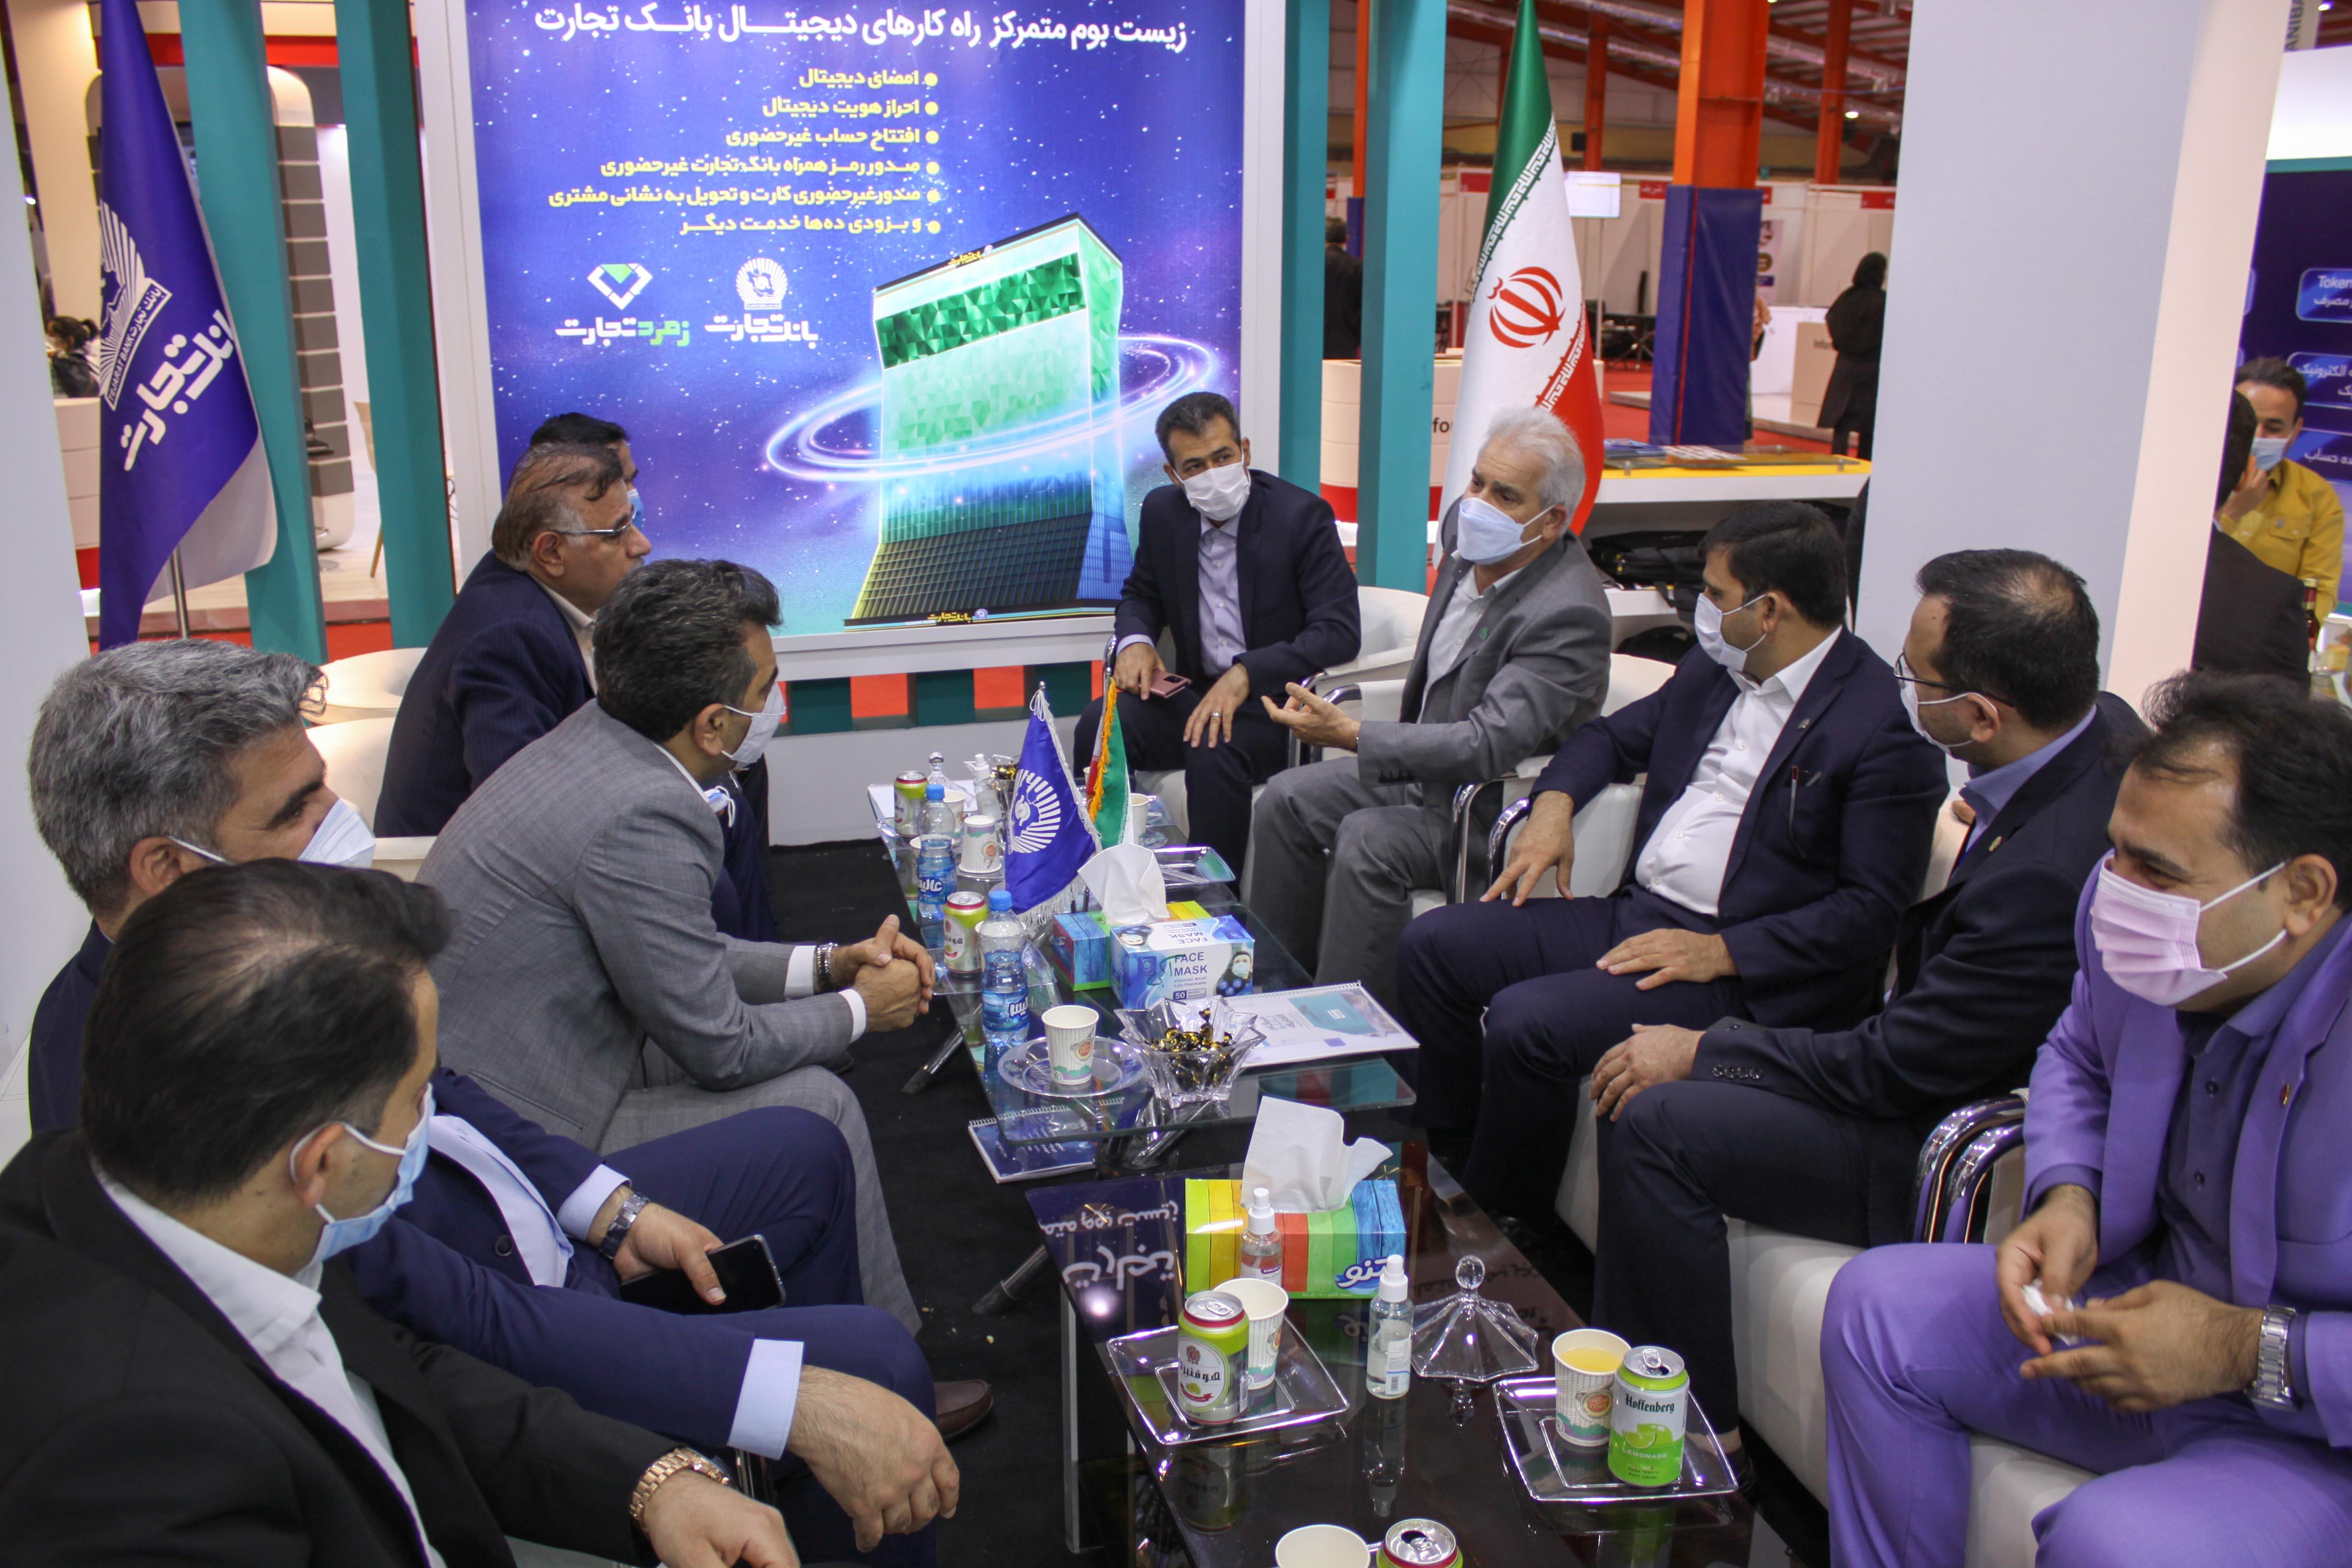 بازدید از نمایشگاه ماهشهر